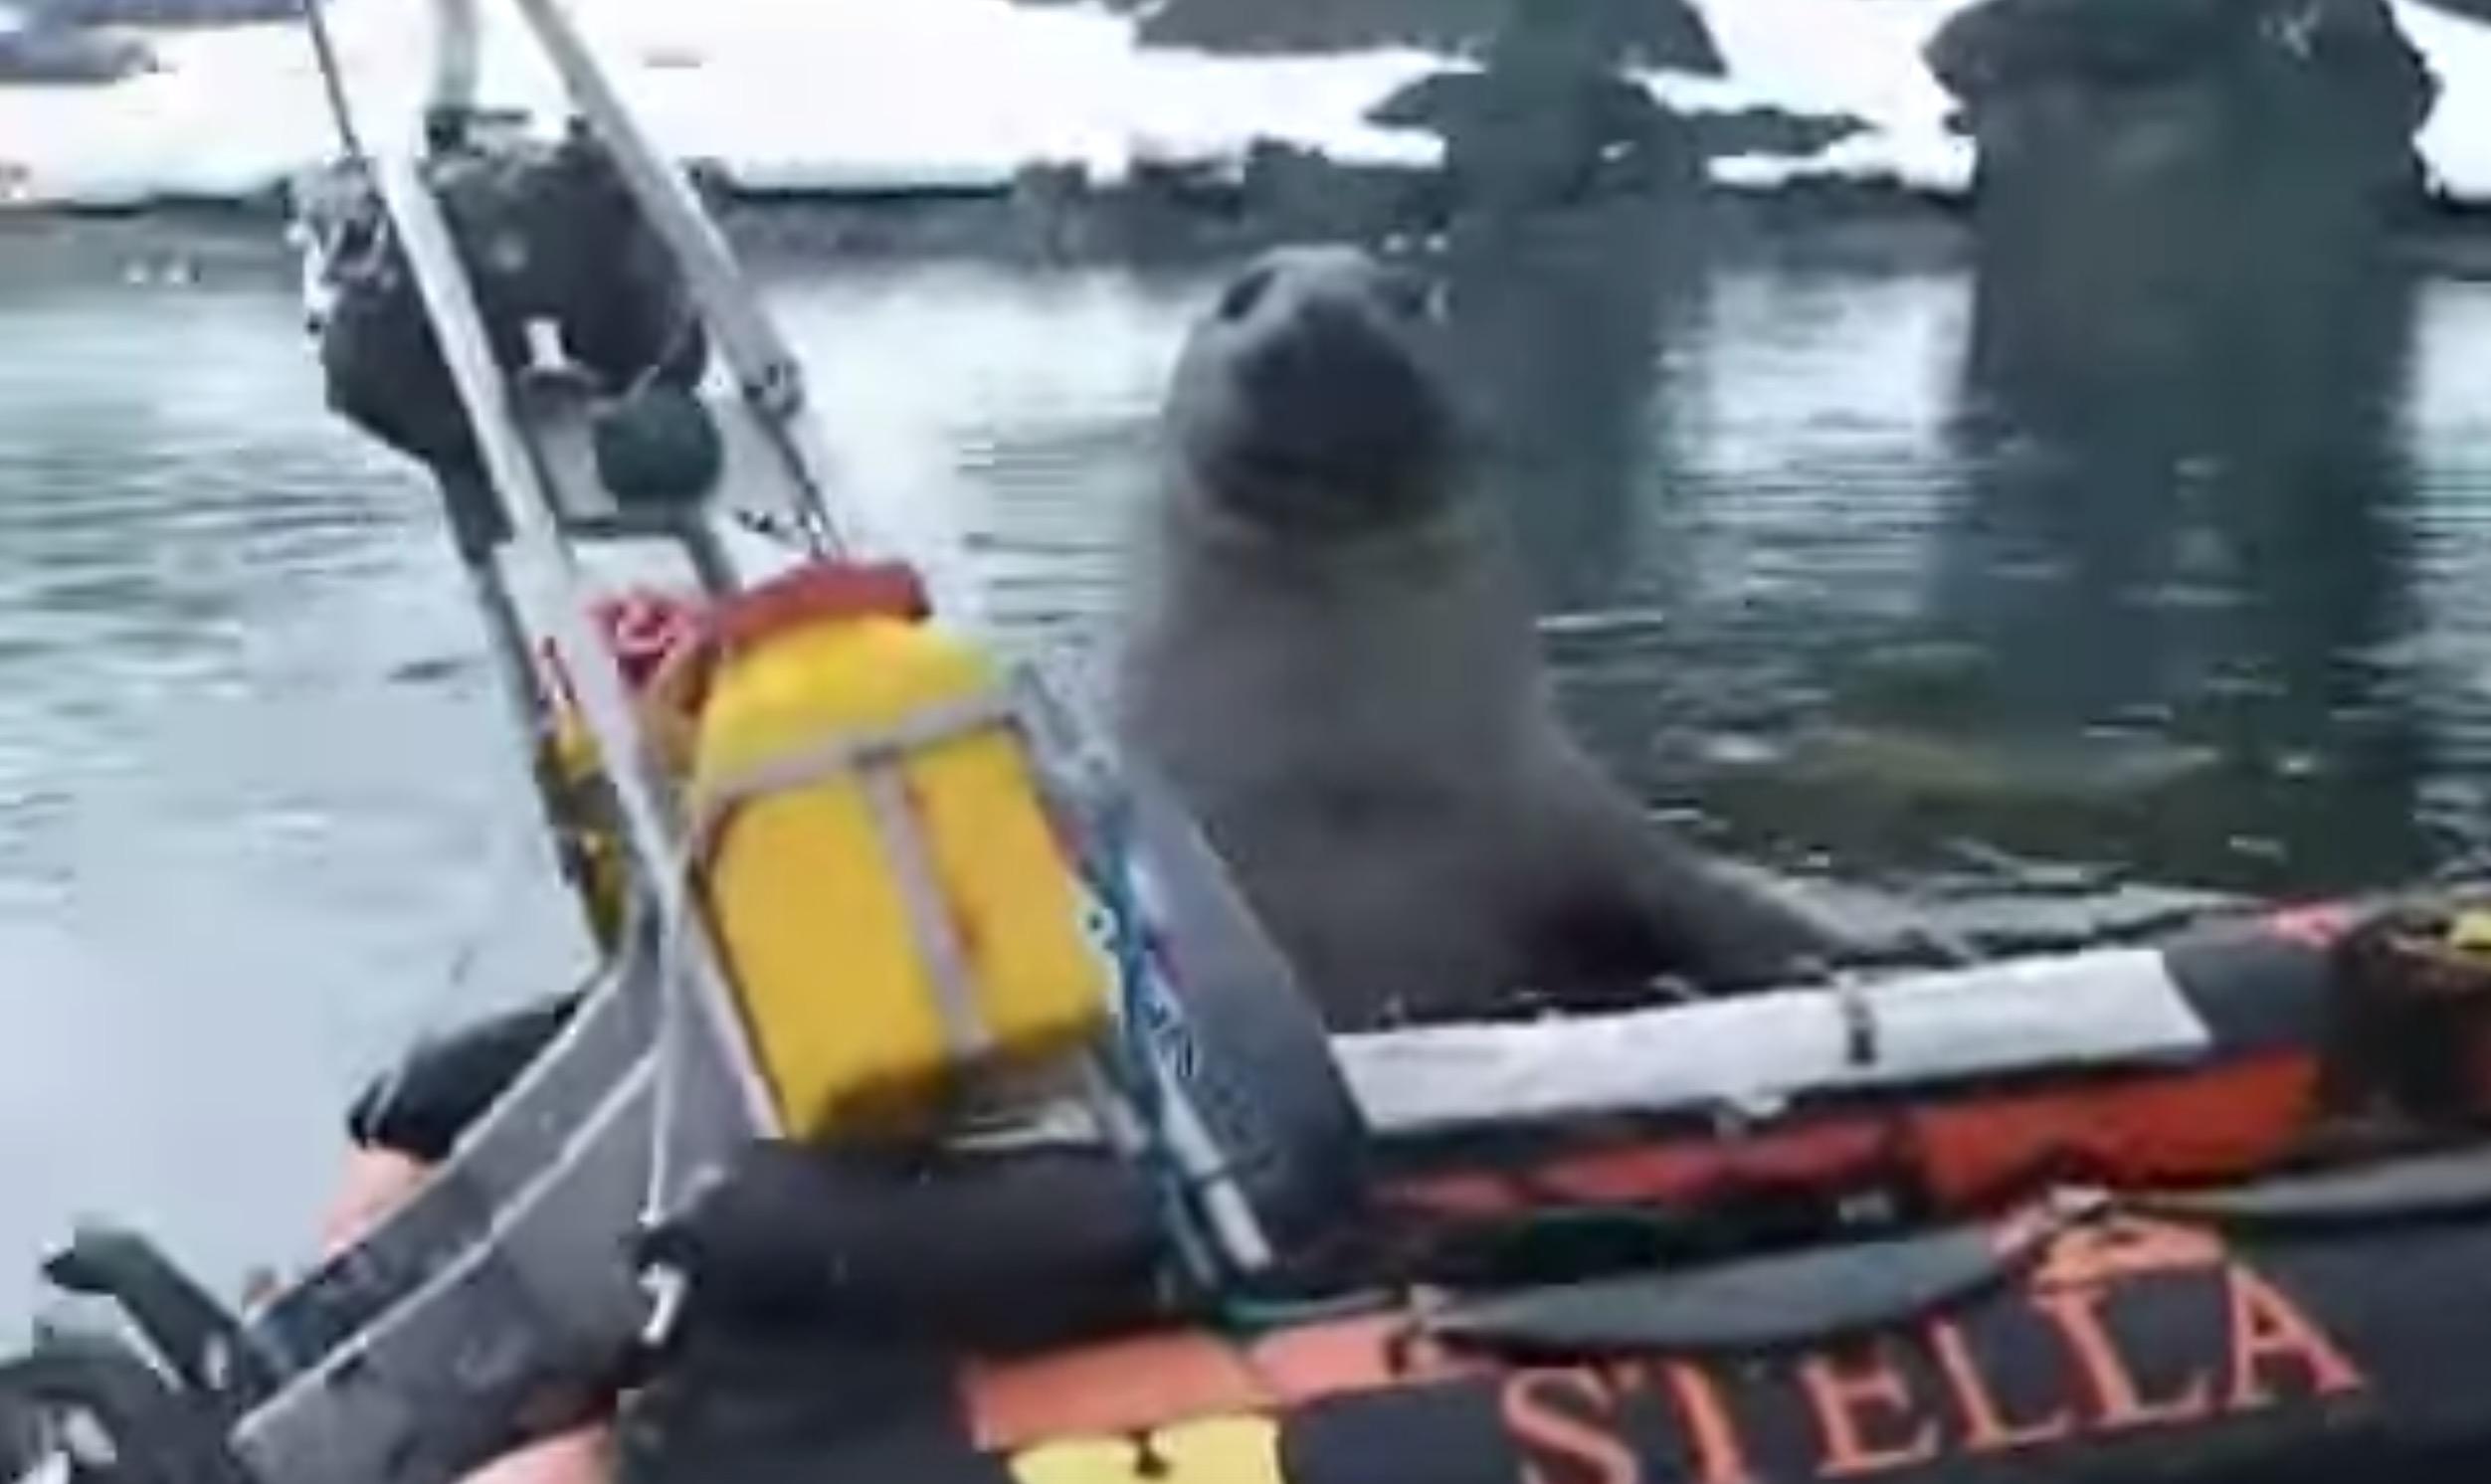 南極大陸でボートが丸ごと持ち去られそうになる事件が!?可愛すぎる犯人に癒されるwwwww